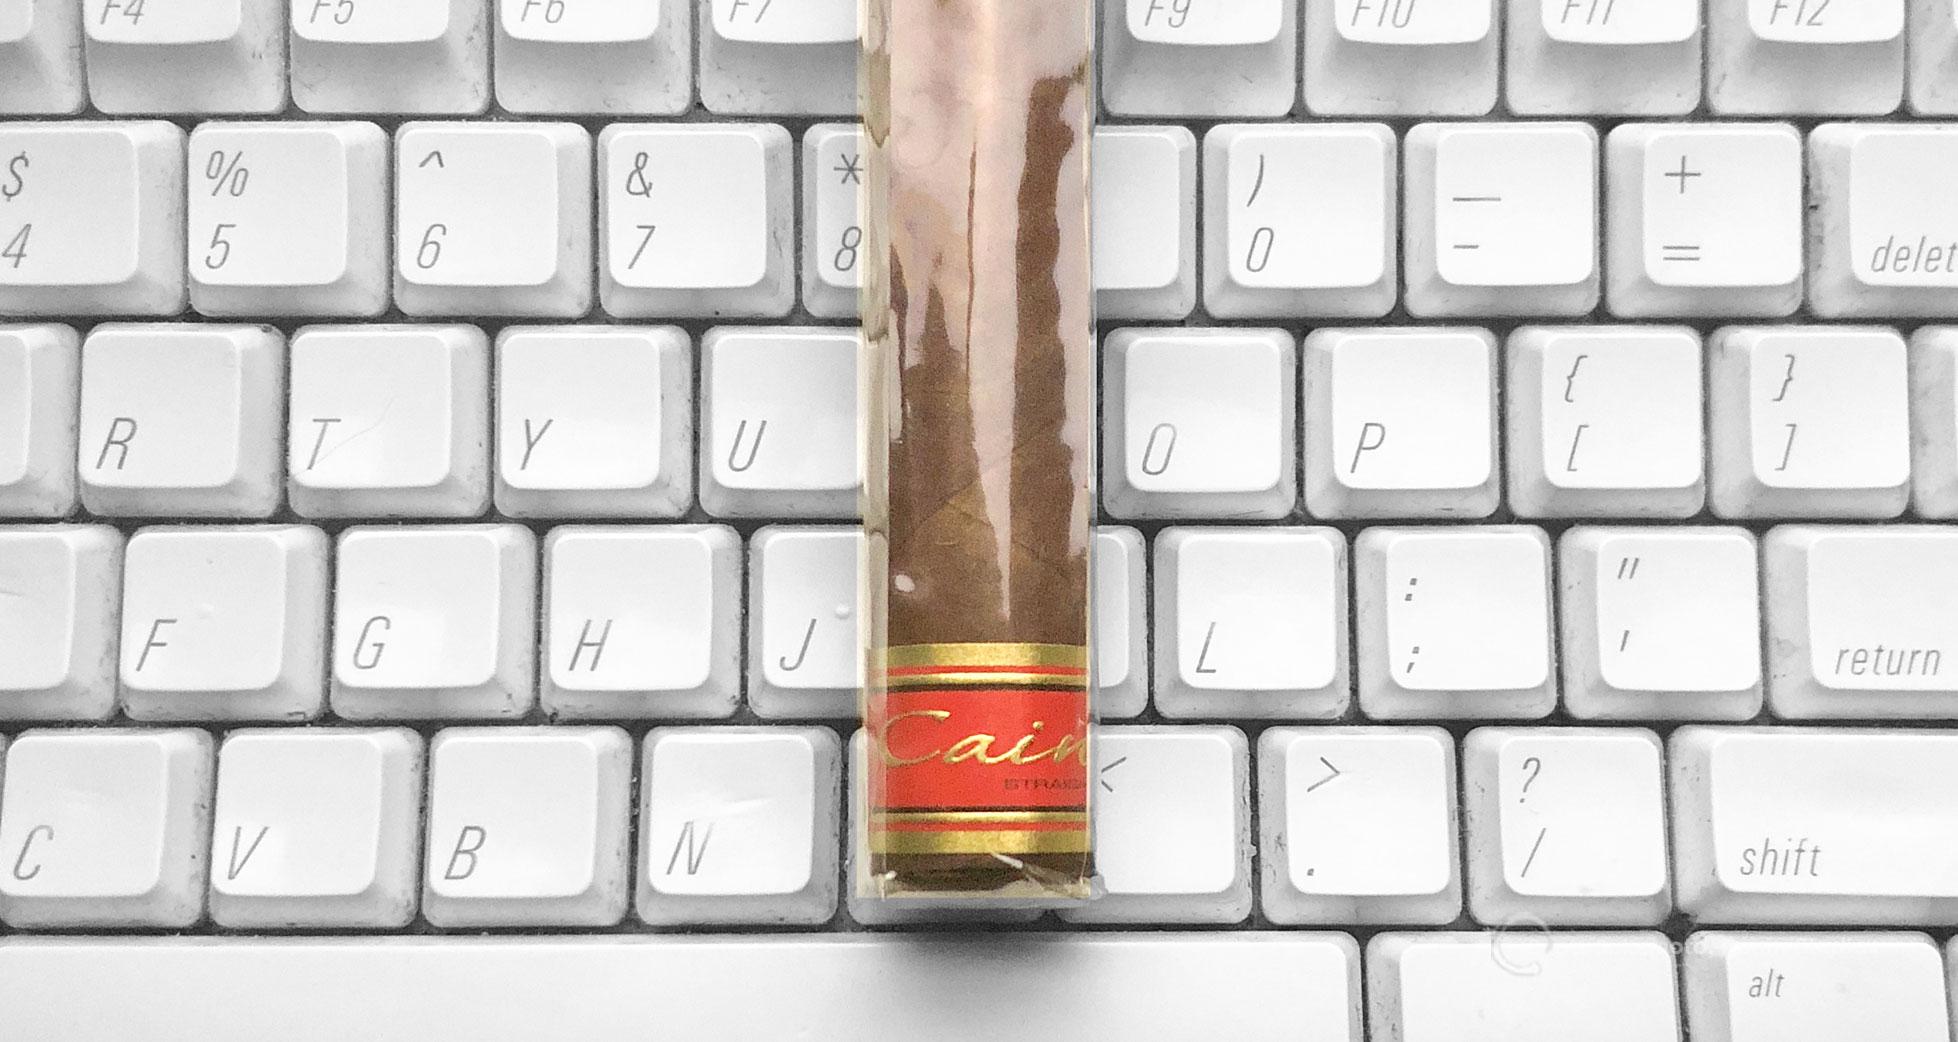 Cain F, Cain F, Cain F 550, Oliva Cigars, Cain F 550 Robusto